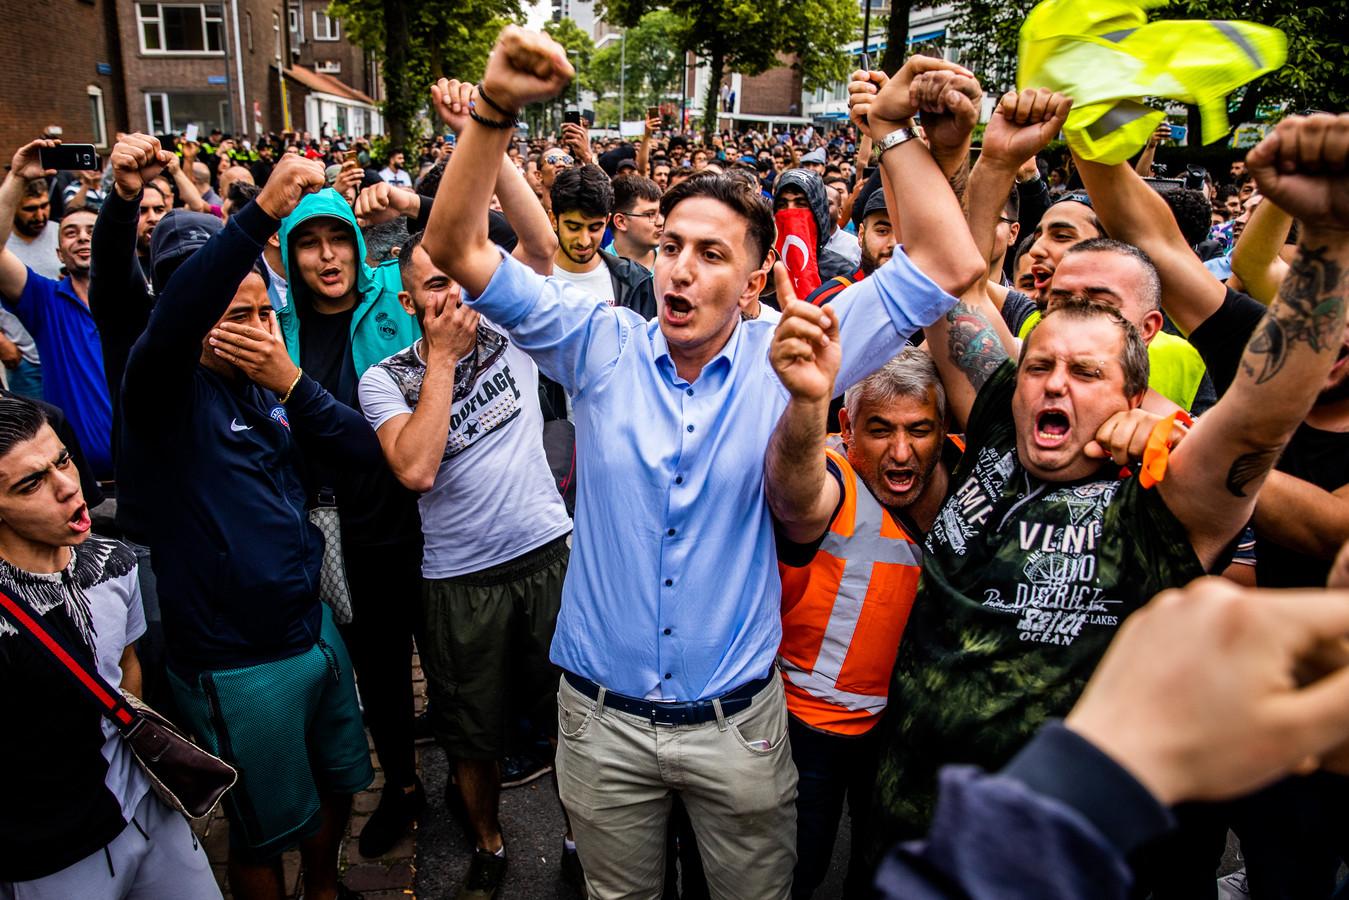 Tegendemonstranten bij een geplande varkensvleesbarbecue van Pegida bij de Laleli Moskee in Rotterdam vieren in 2018 feest. De anti-islambeweging kwam uiteindelijk niet opdagen. In Apeldoorn is vooralsnog alleen sprake van uitstel.